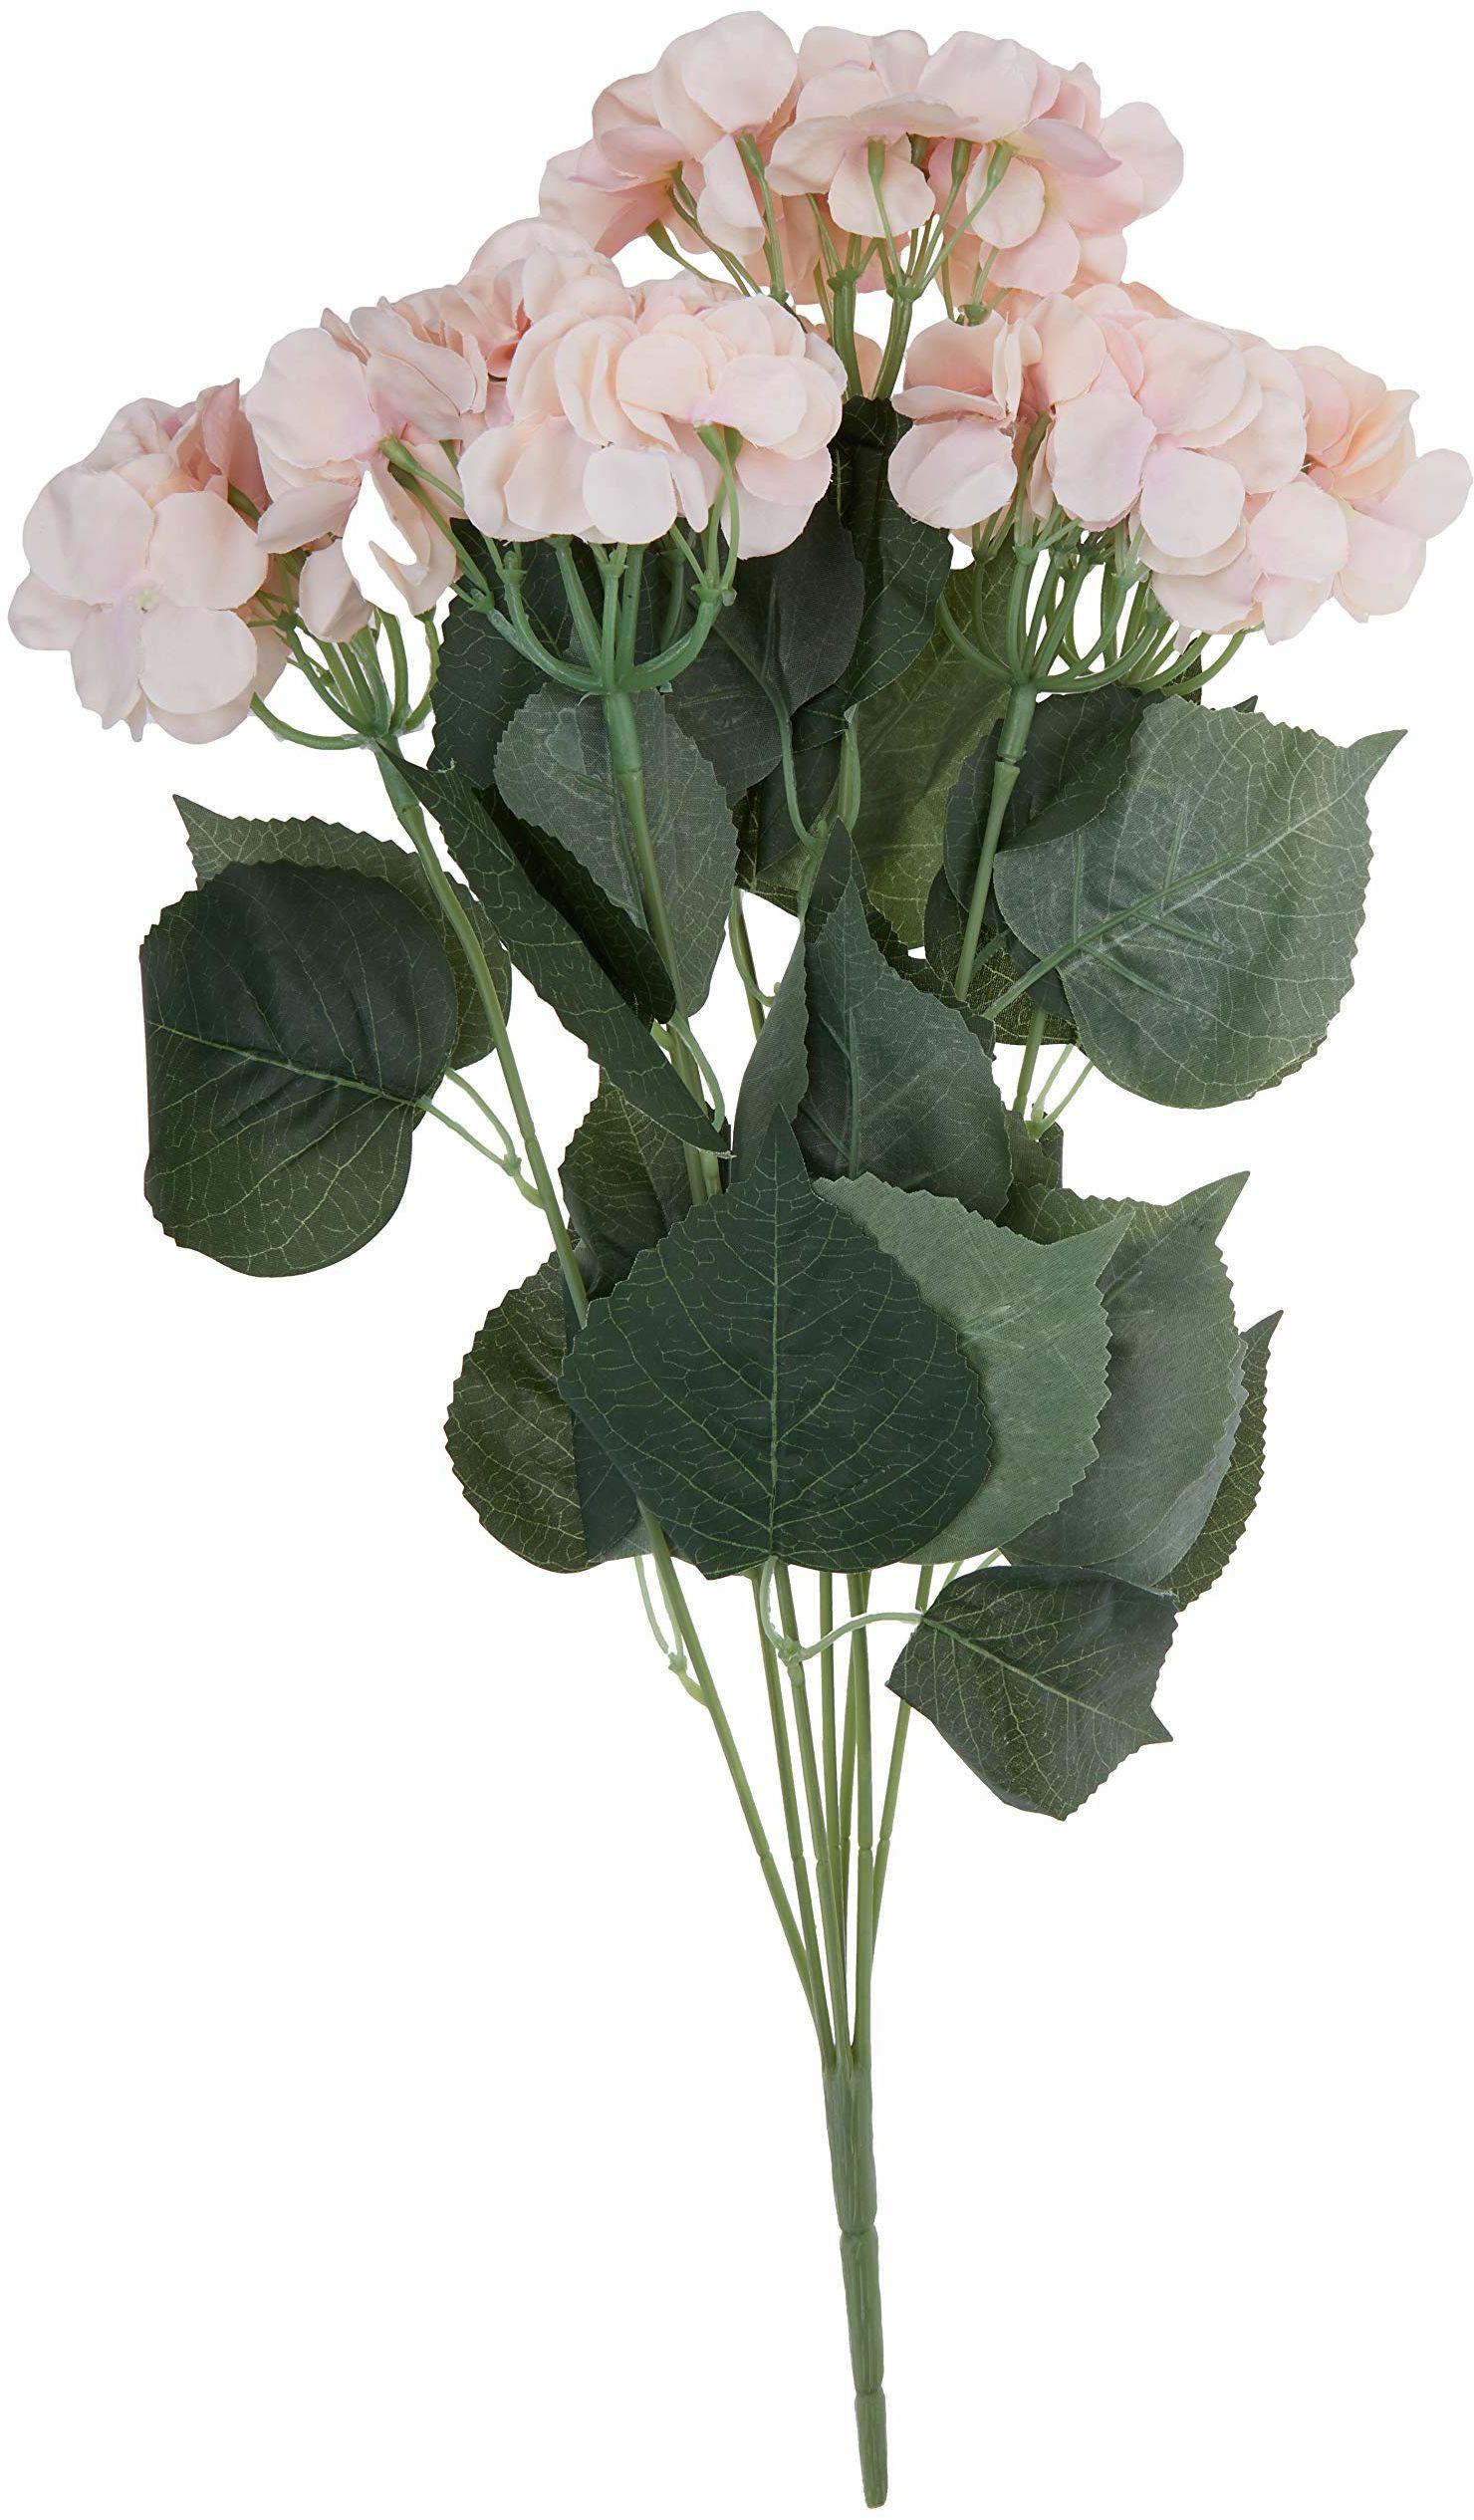 Better & Best Bukiet sztucznych hortensji z materiału i tworzywa sztucznego, zielony i różowy, 60 x 20 cm, 7 sztuk